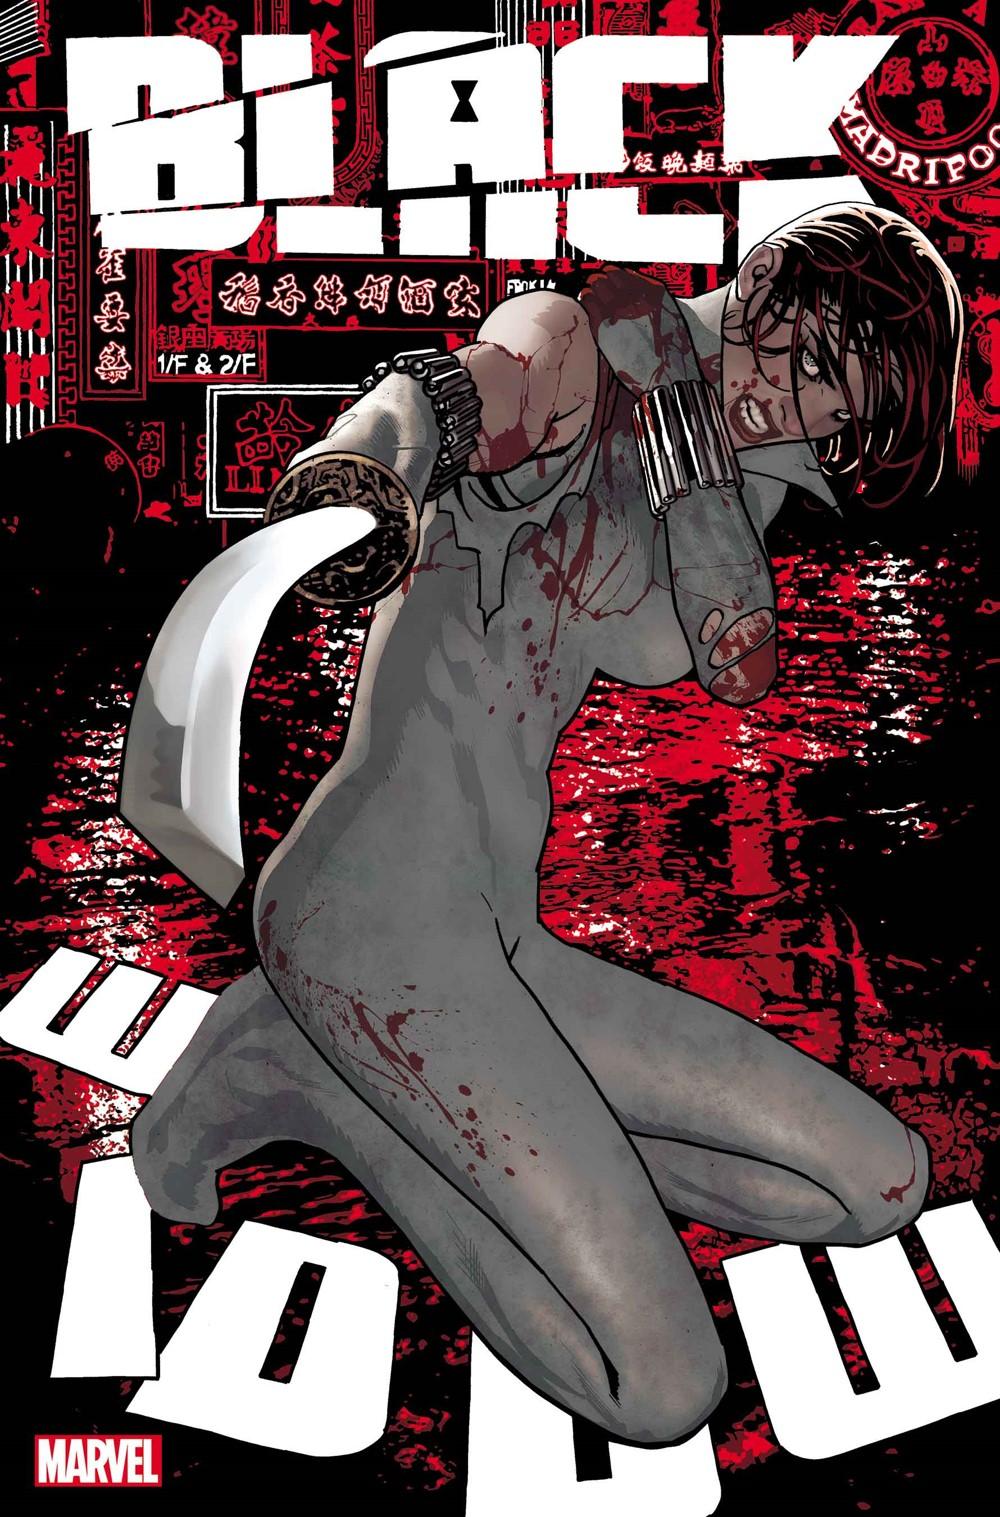 BLAW2020013_CVR-1 Marvel Comics December 2021 Solicitations